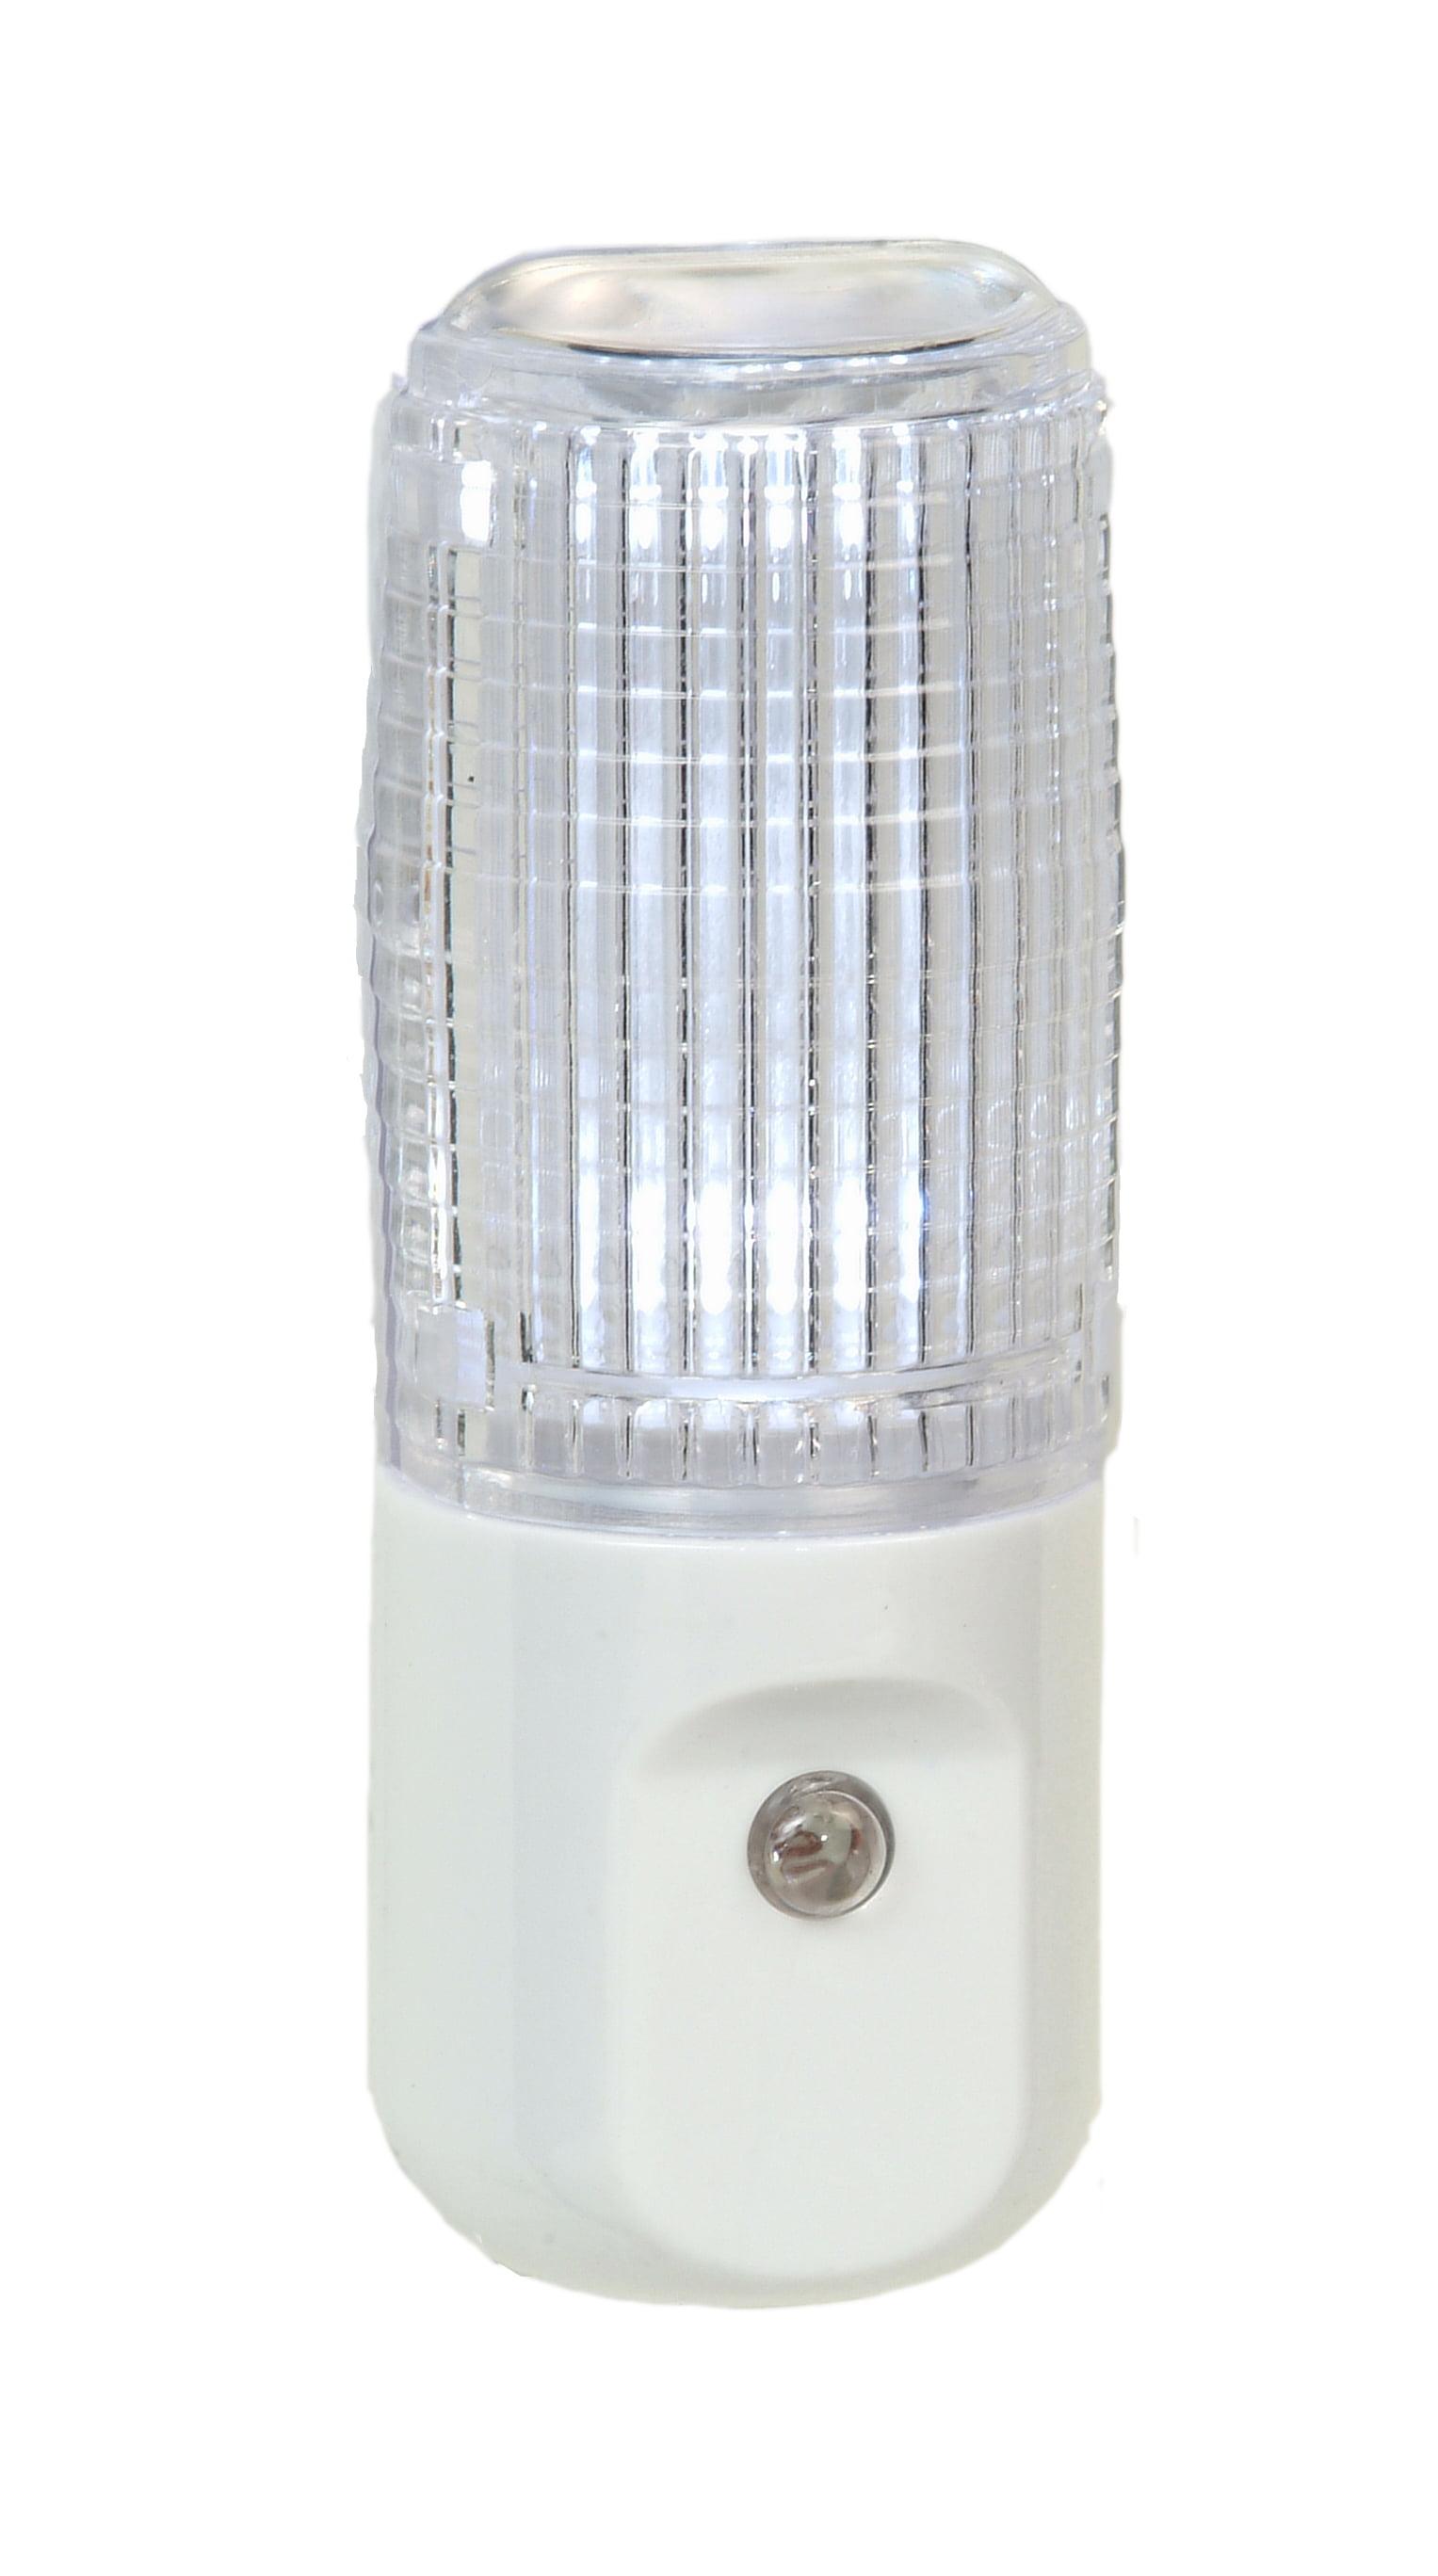 AmerTac 73107 Cylinder Night Light, Multi-Color by Amertac